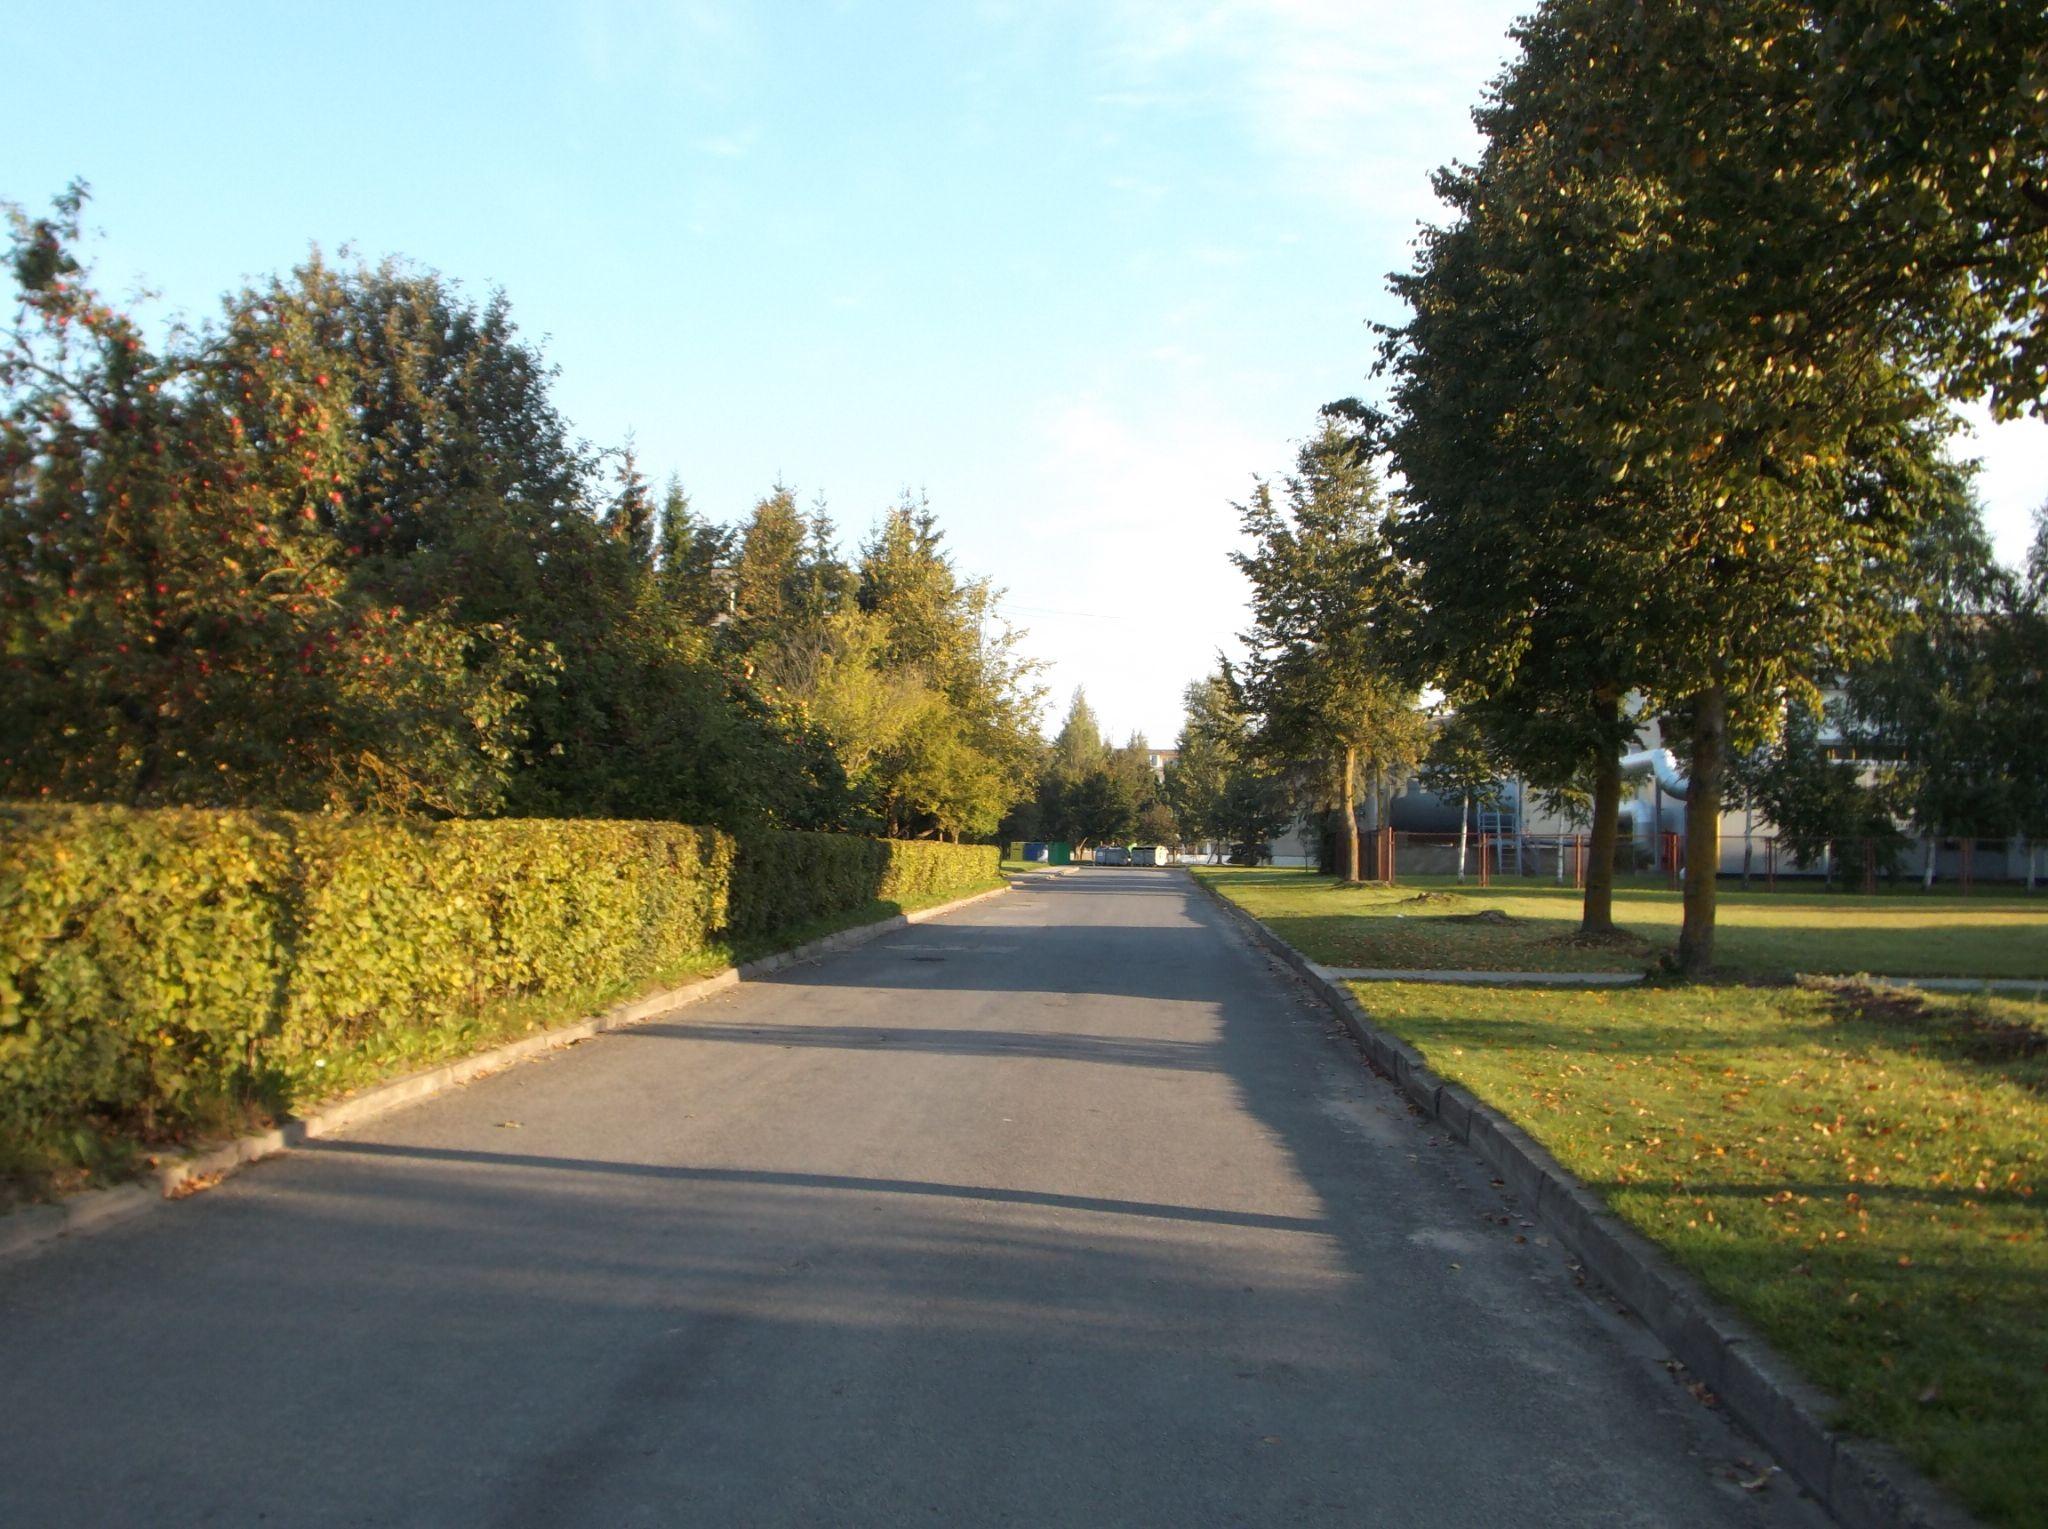 Town street. by Zita Užkuraitienė